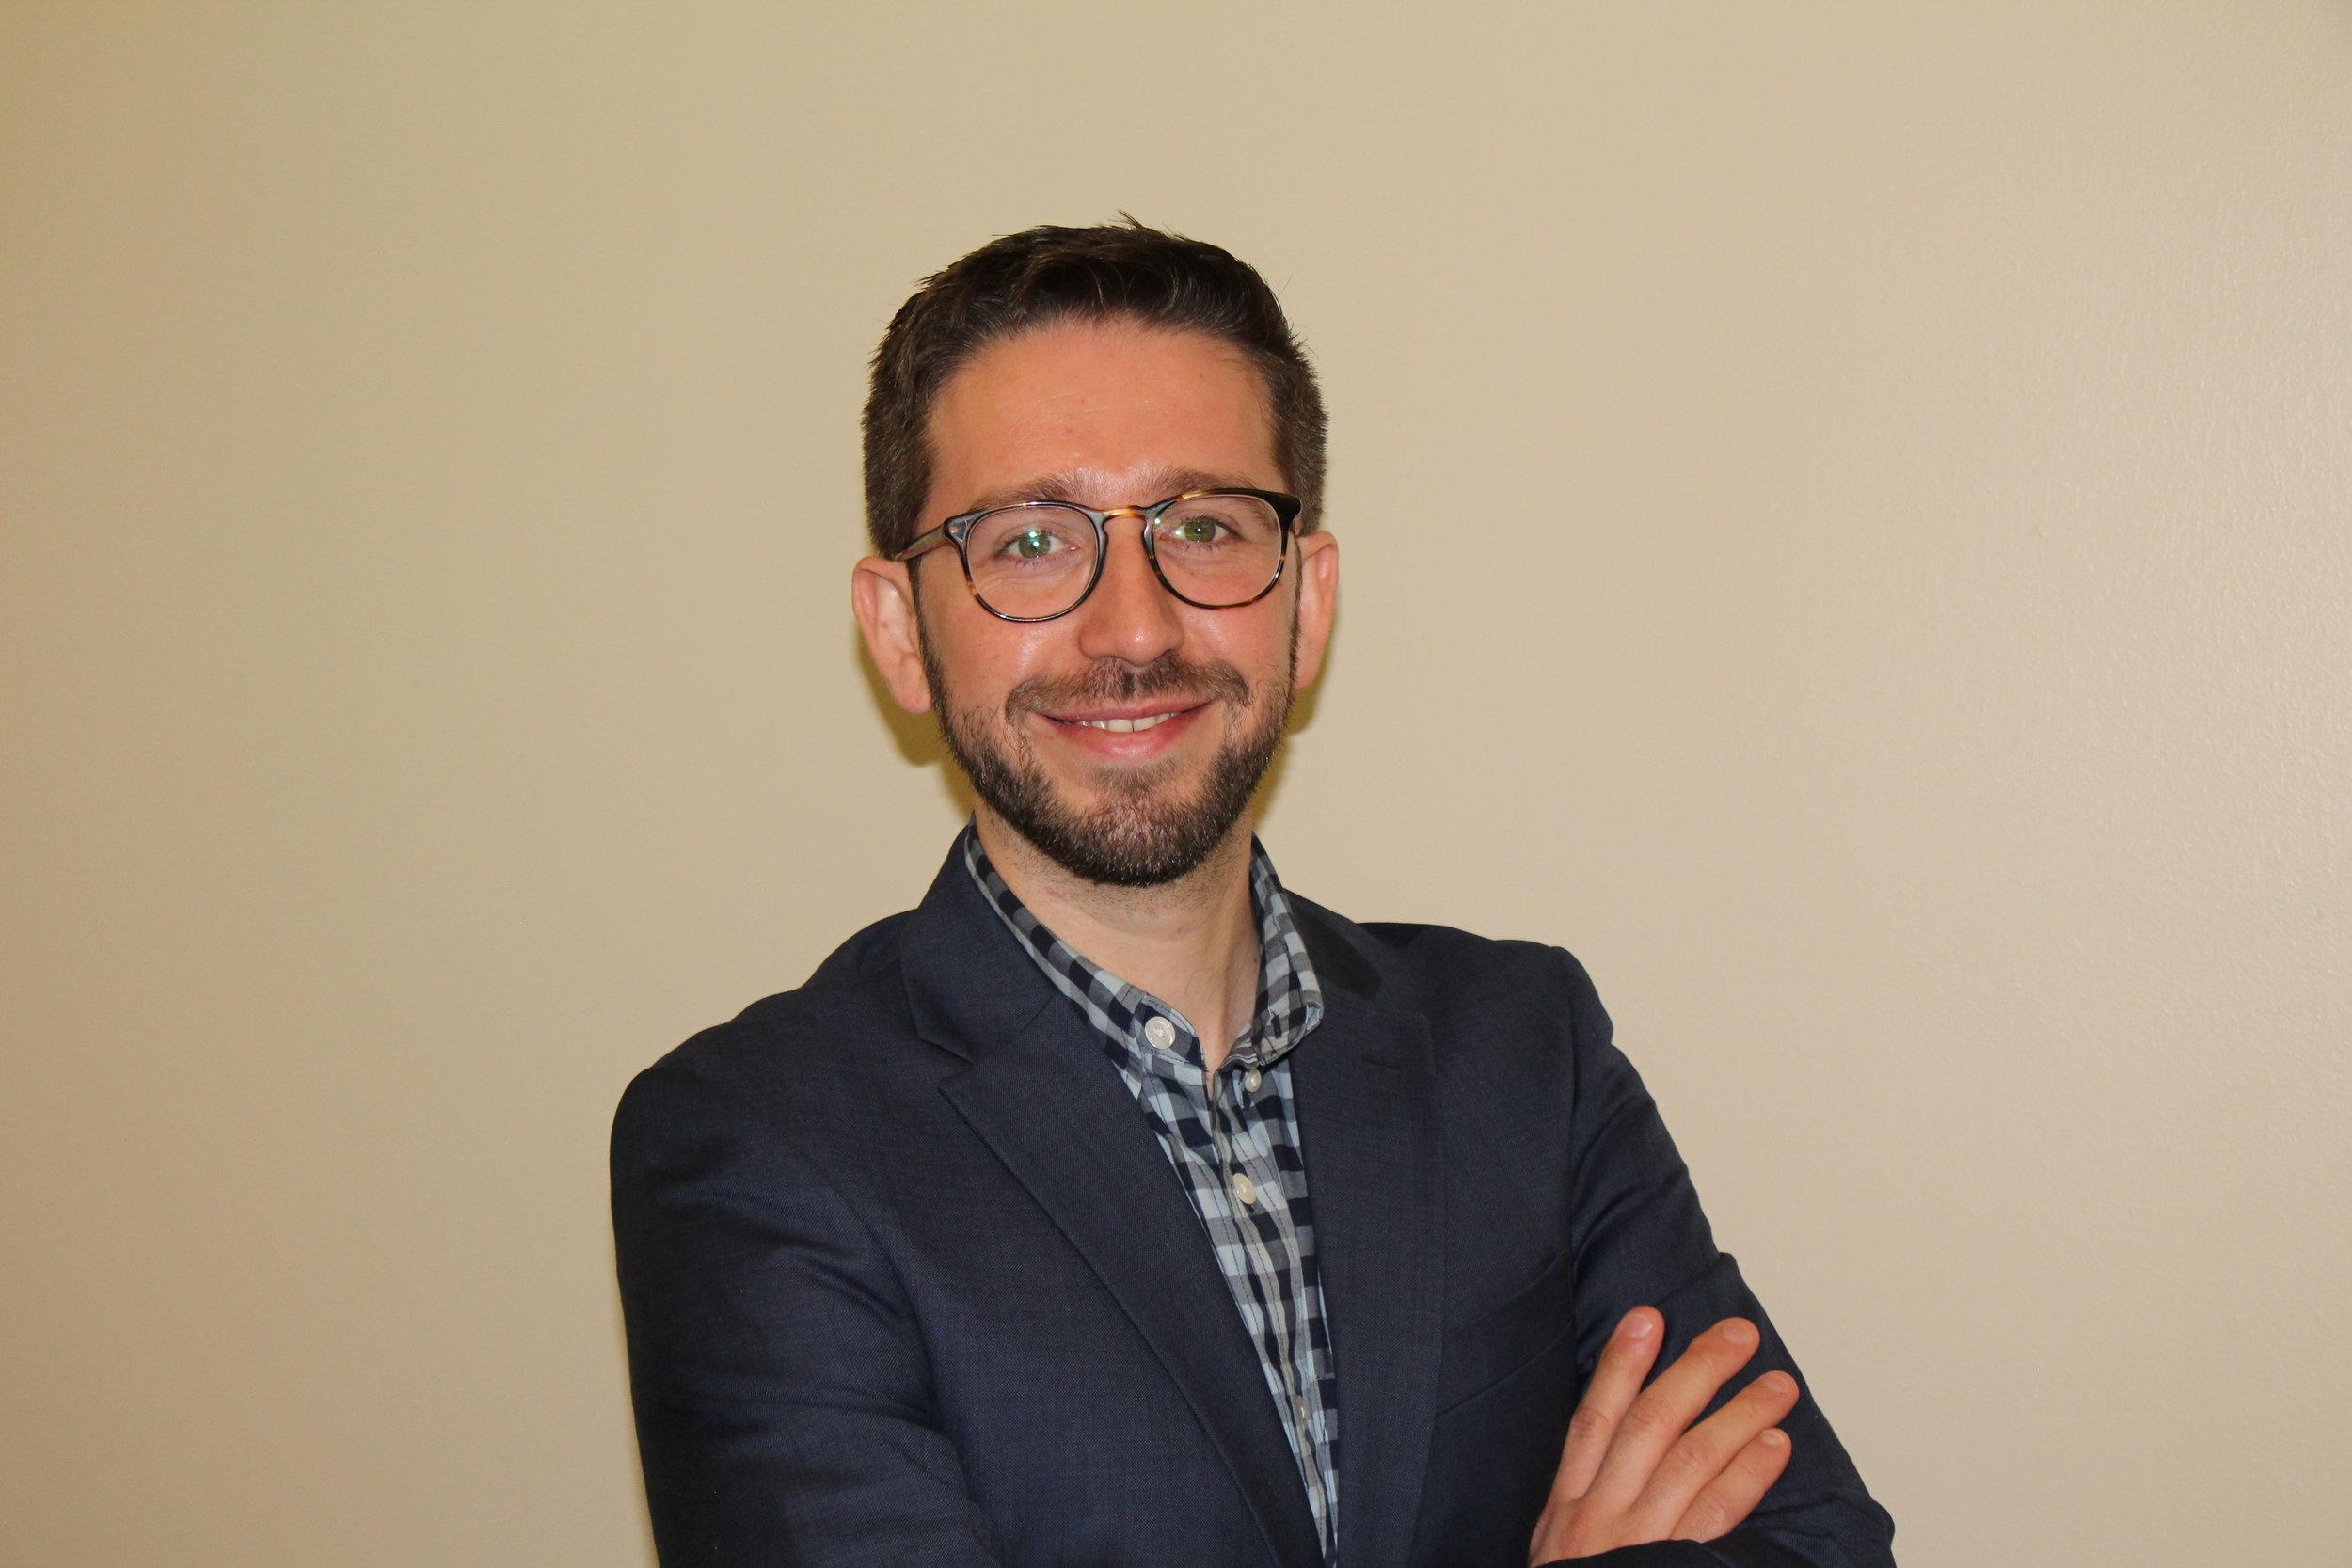 Arnulfo Garza, Community Organizer